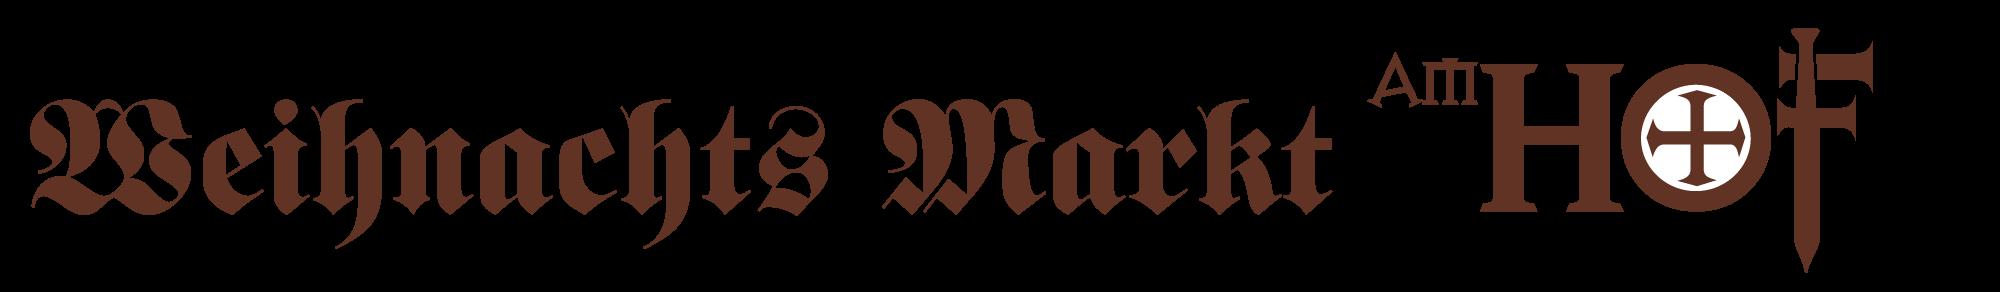 Logo_neu_Weihnachtsmarkt_am_Hof_M